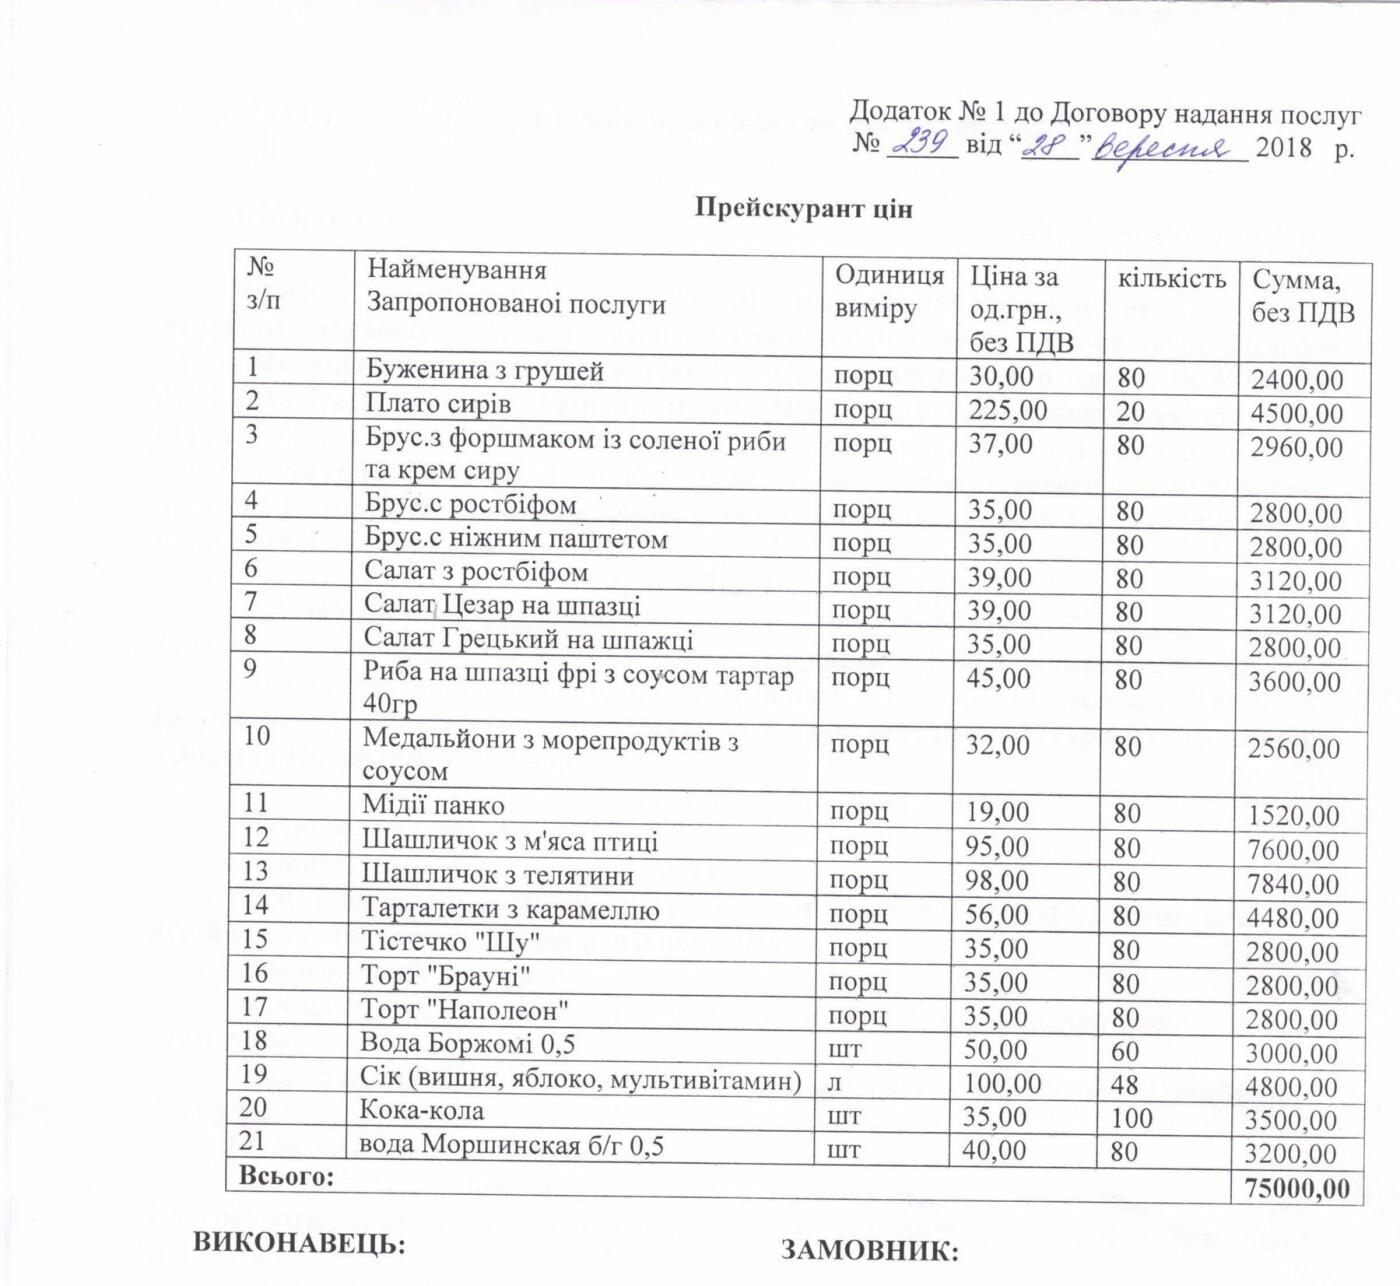 День города: мариупольские власти заказали фуршет за 150 тысяч бюджетных гривен, - МЕНЮ, фото-2